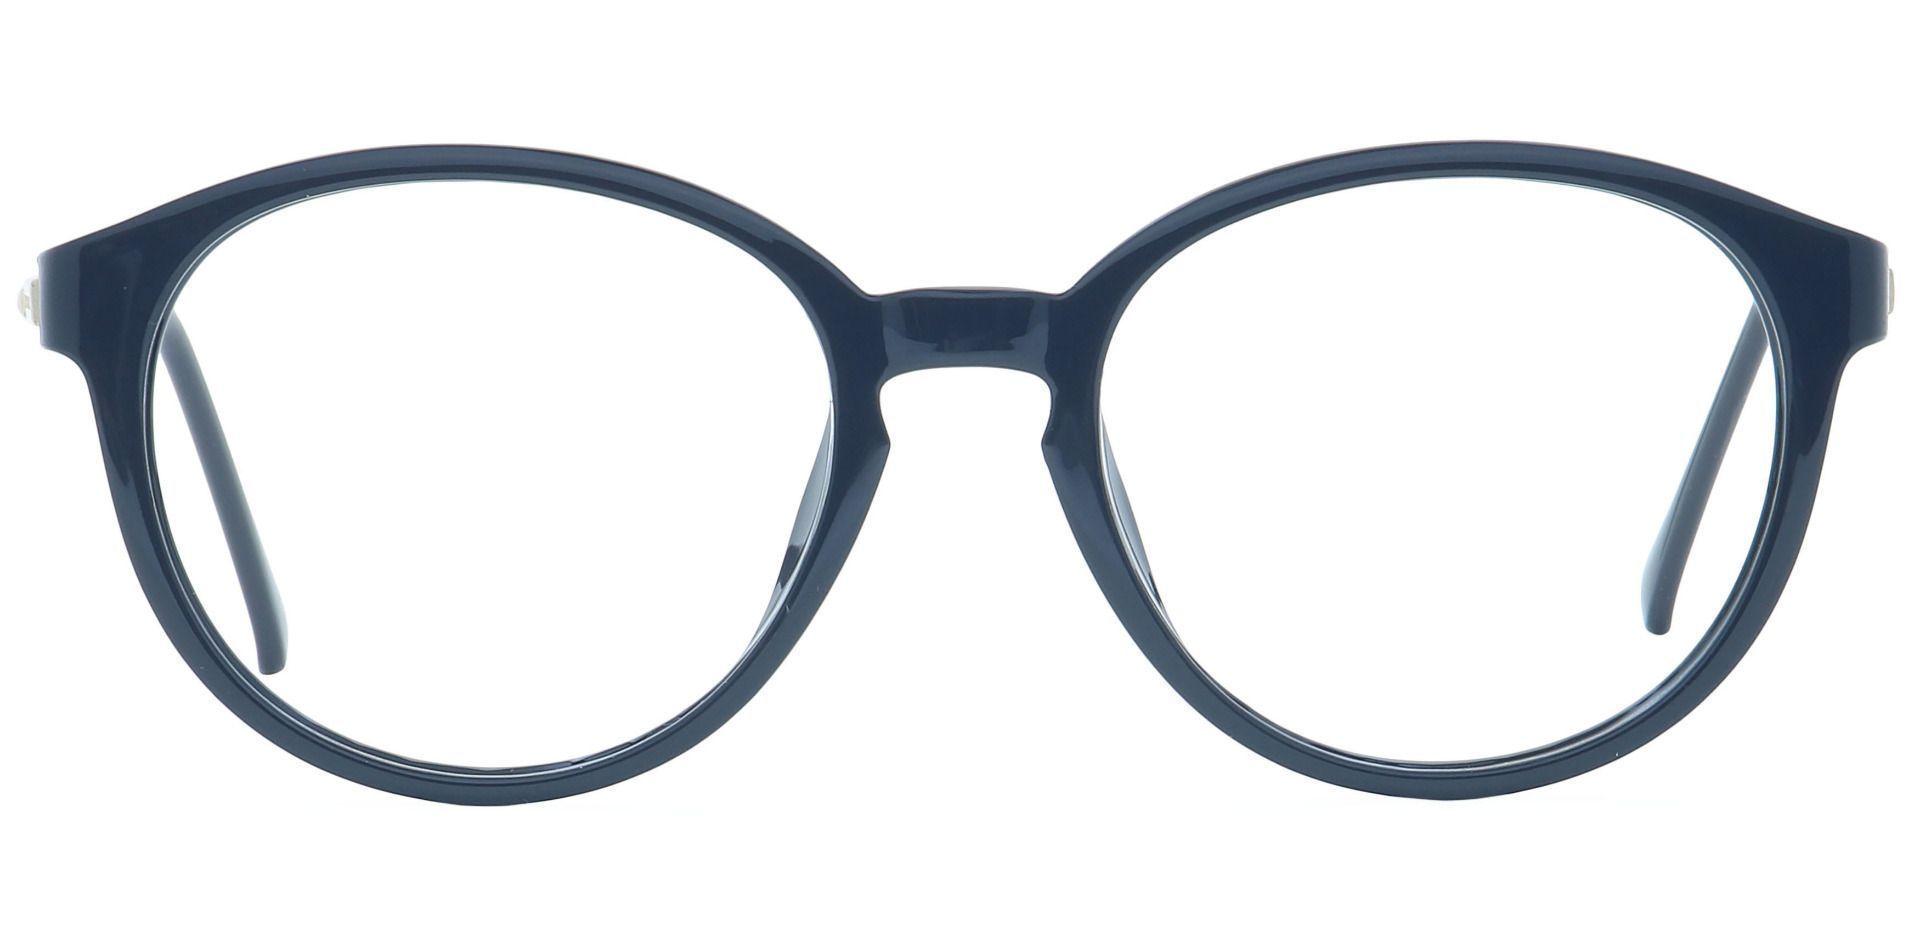 Asia Round Prescription Glasses - Black